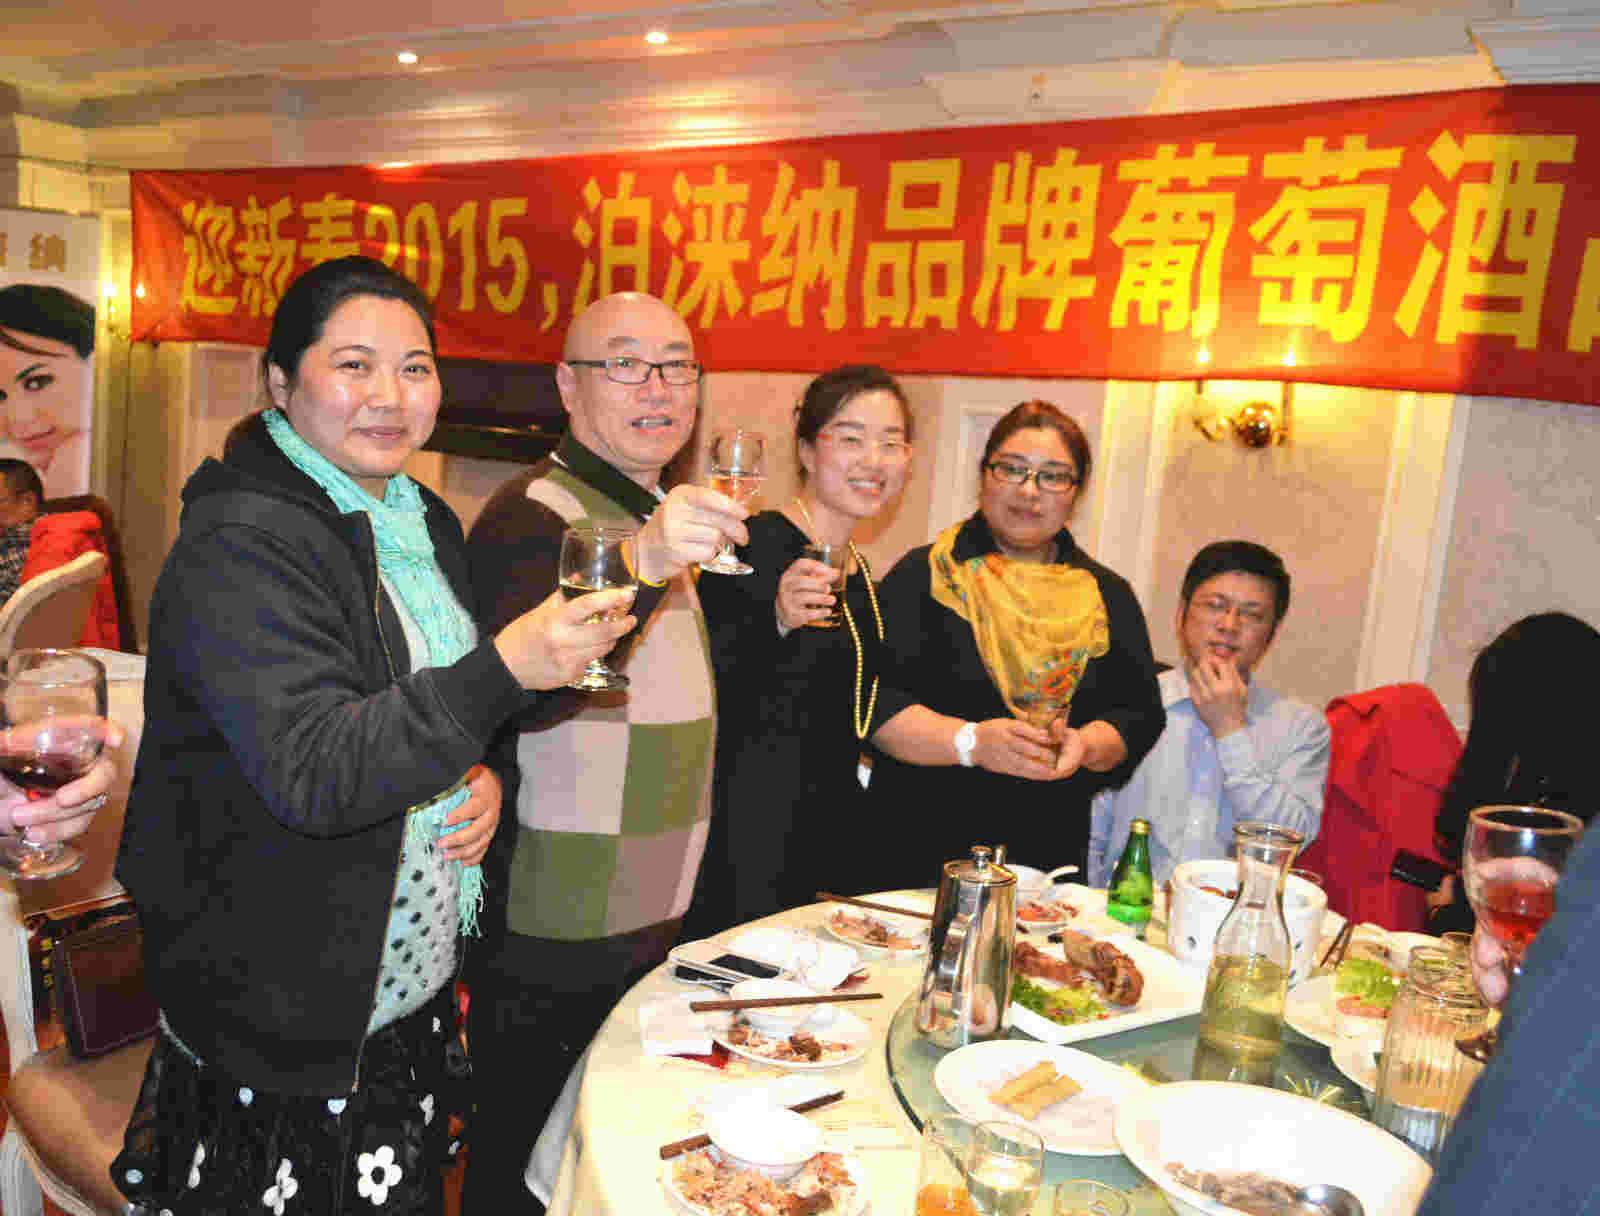 无锡农贸公司董事长宋秀萍(左一)与好友企业家们也参加了品鉴会 吴礼明 摄.jpg